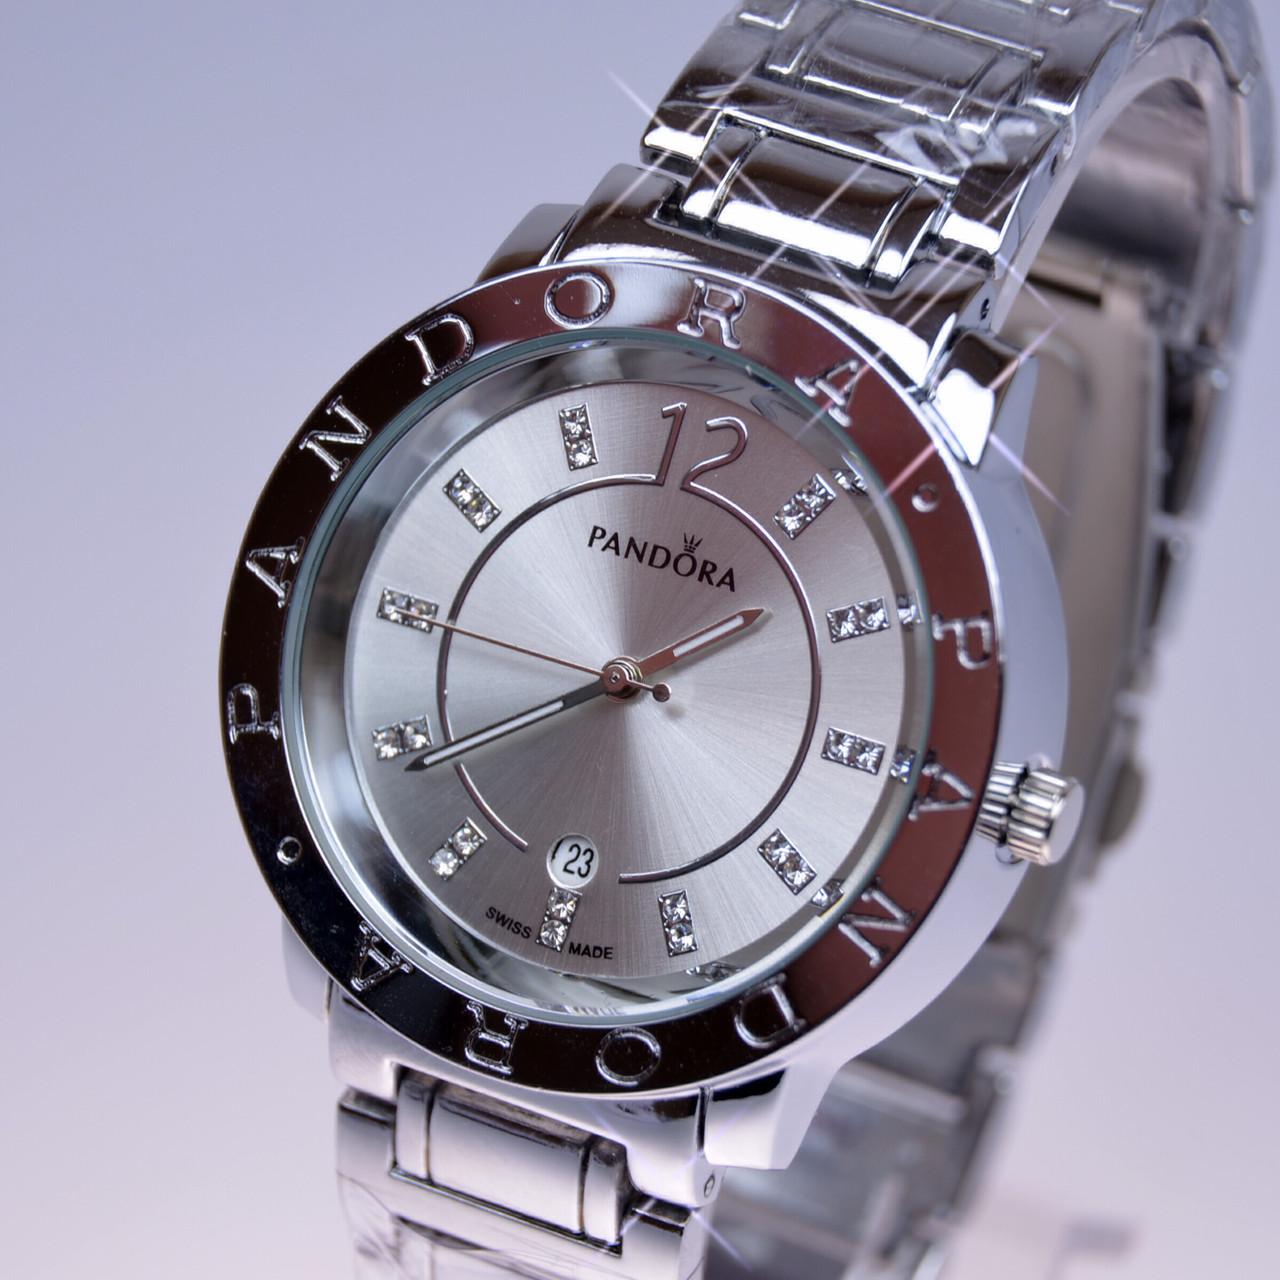 Купить часы женские наручные николаев наручные часы для первоклассника